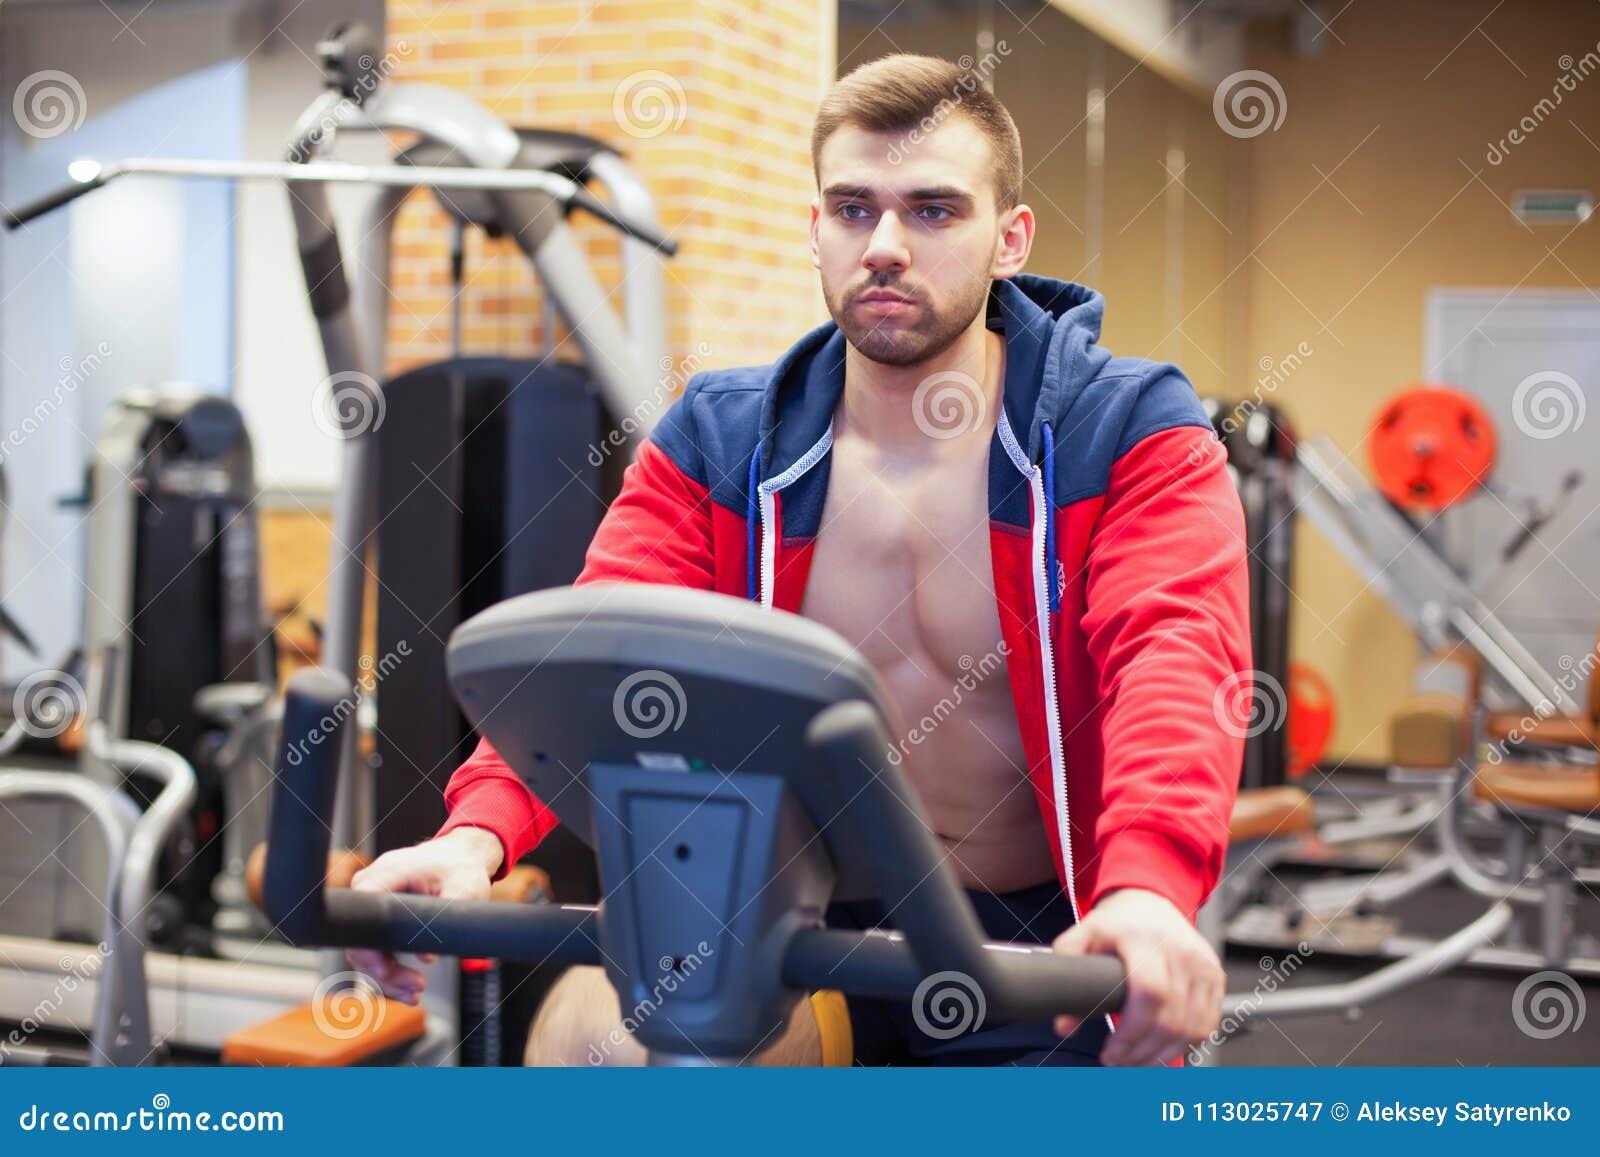 Hombre de la aptitud en la bicicleta que hace el giro en el gimnasio Hombre joven apto que se resuelve en la bici del gimnasio